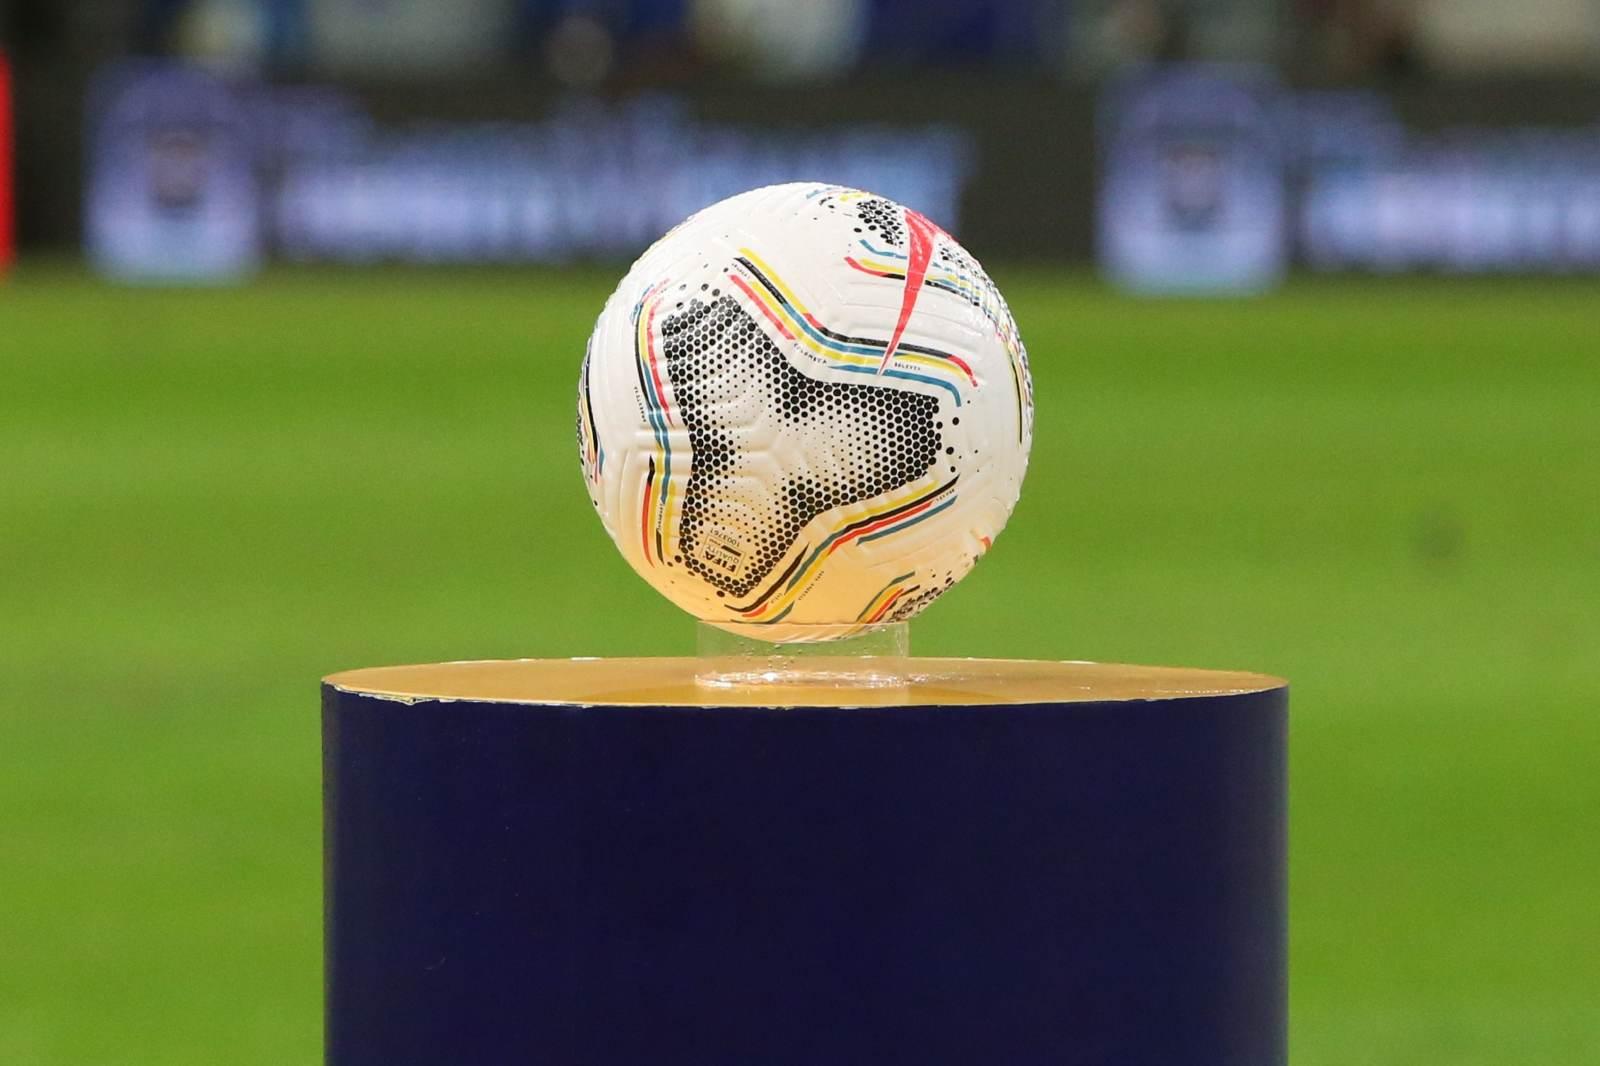 ФИФА просит страны помочь в эвакуации футболисток из Афганистана